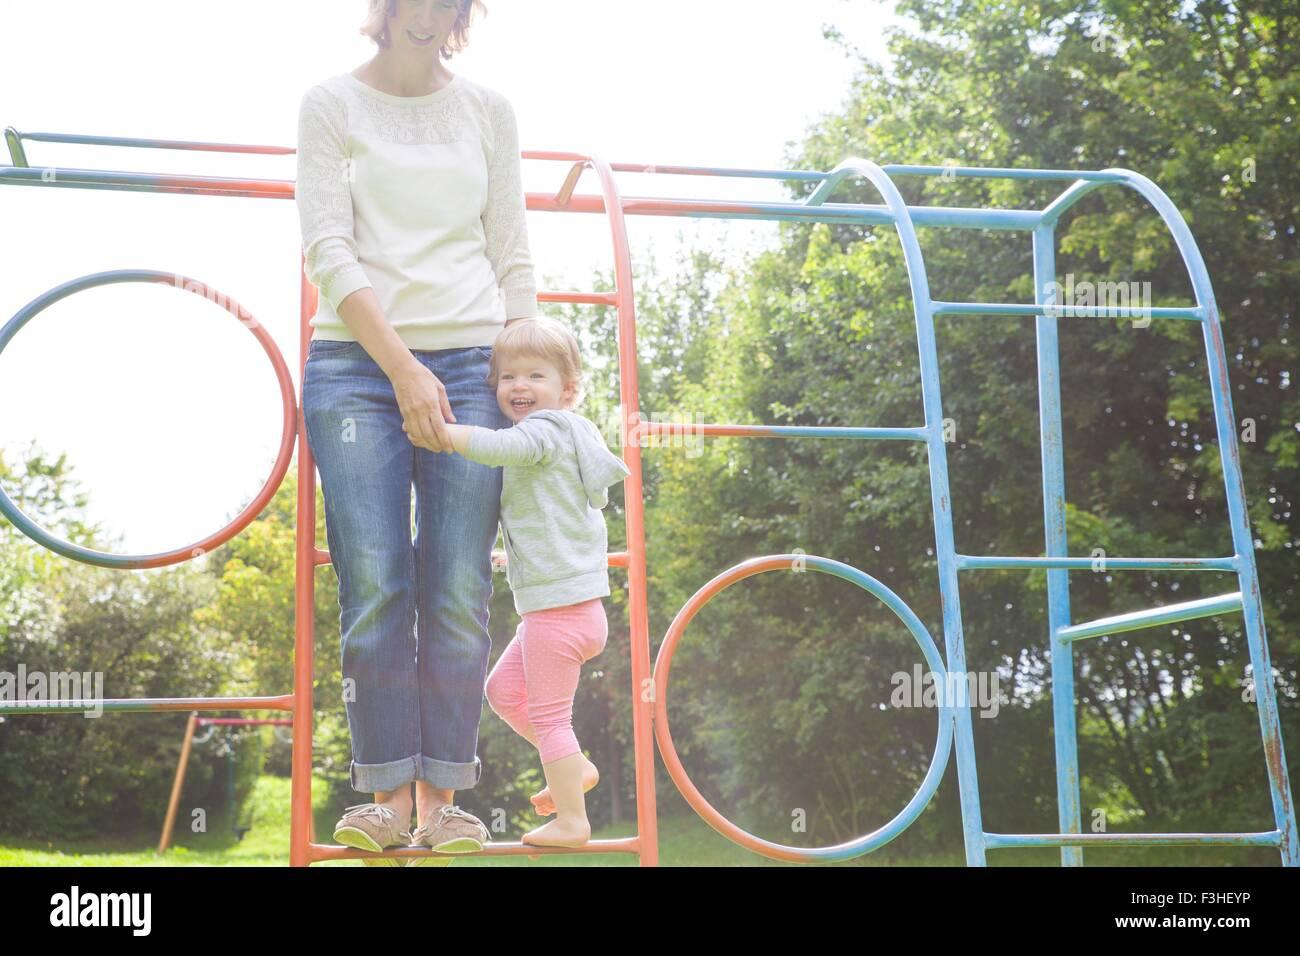 Madre y mujer niño jugando en columpios Foto de stock